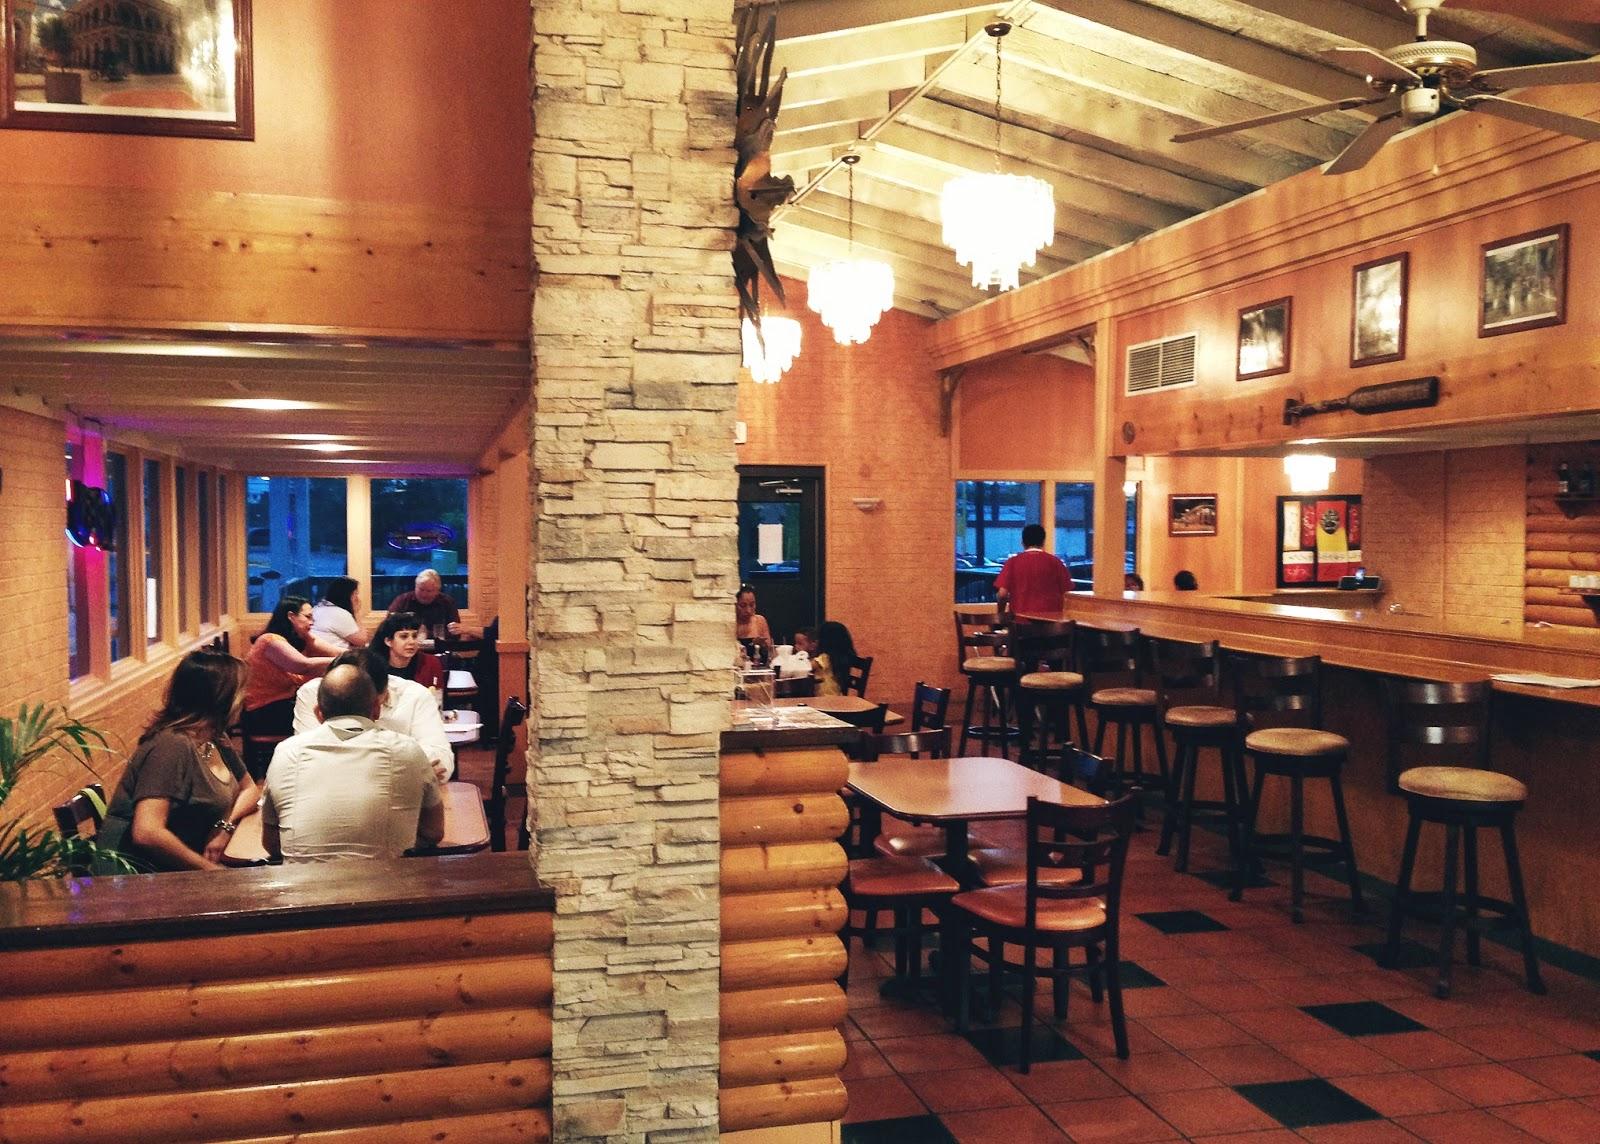 Guanttanamera restaurant in Nashville Tennessee